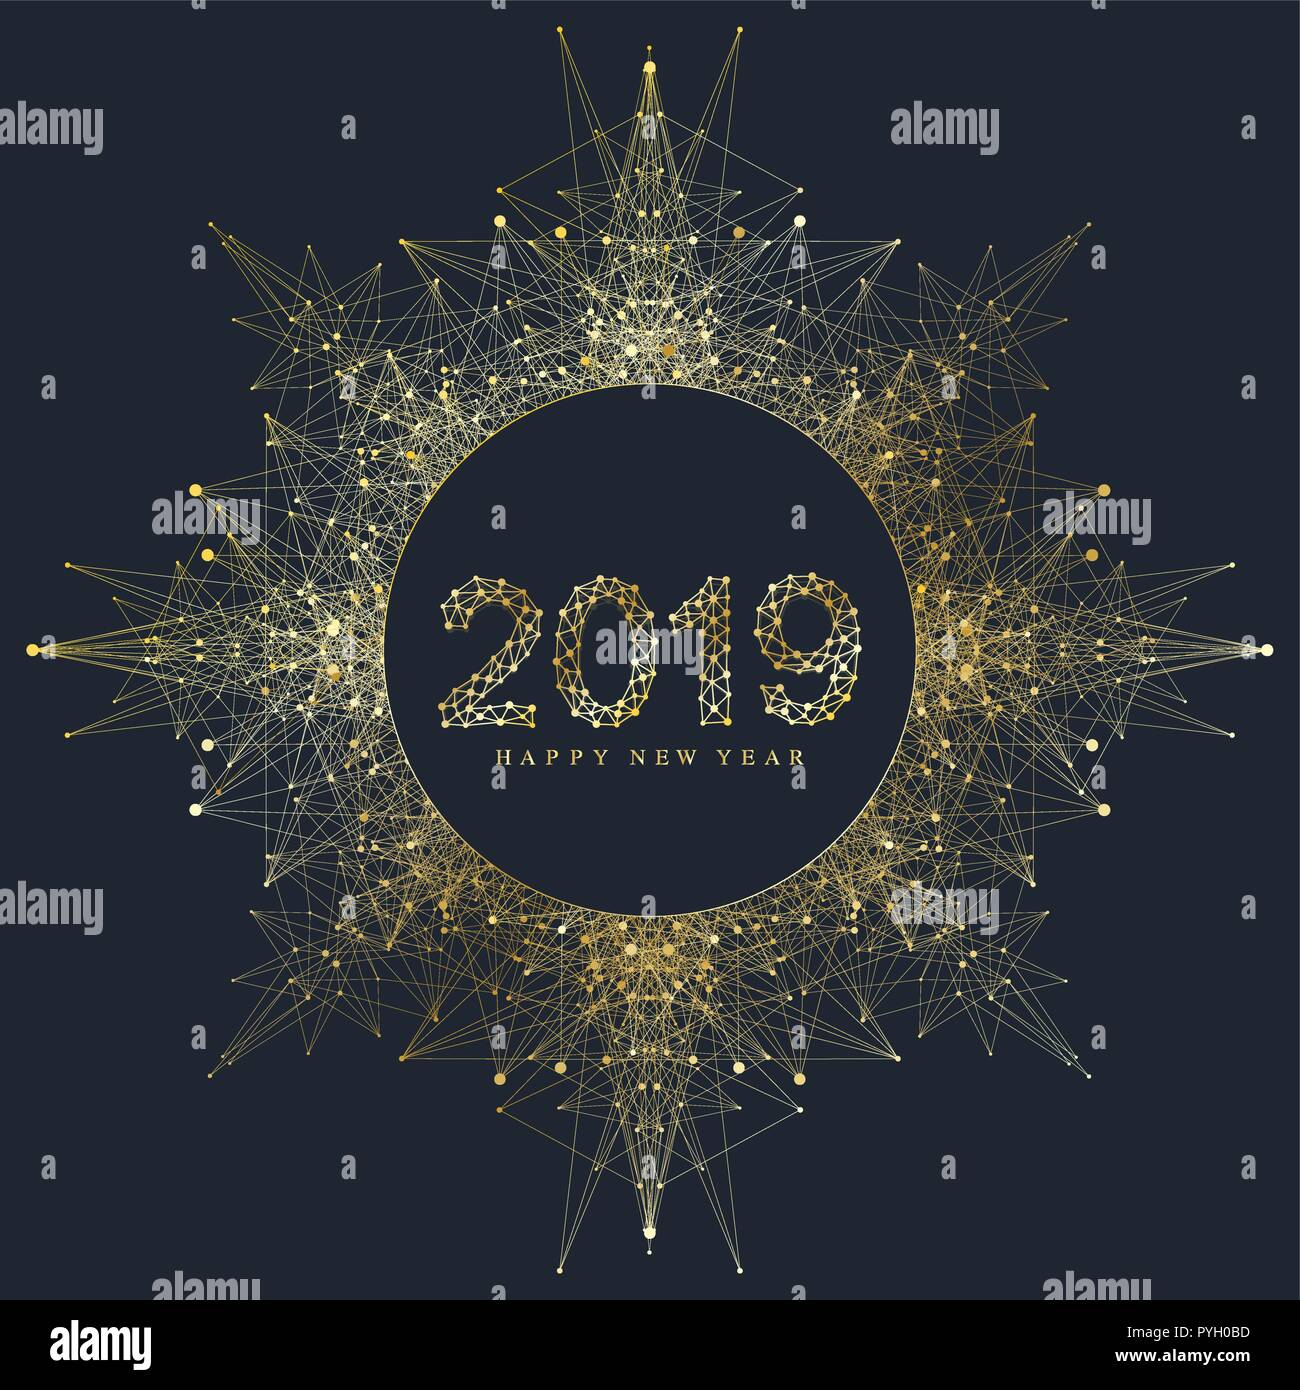 f43c71dc5 La moderna ilustración vectorial de Feliz Año Nuevo 2019 banner. Elemento  de diseño en negro y dorado para presentaciones